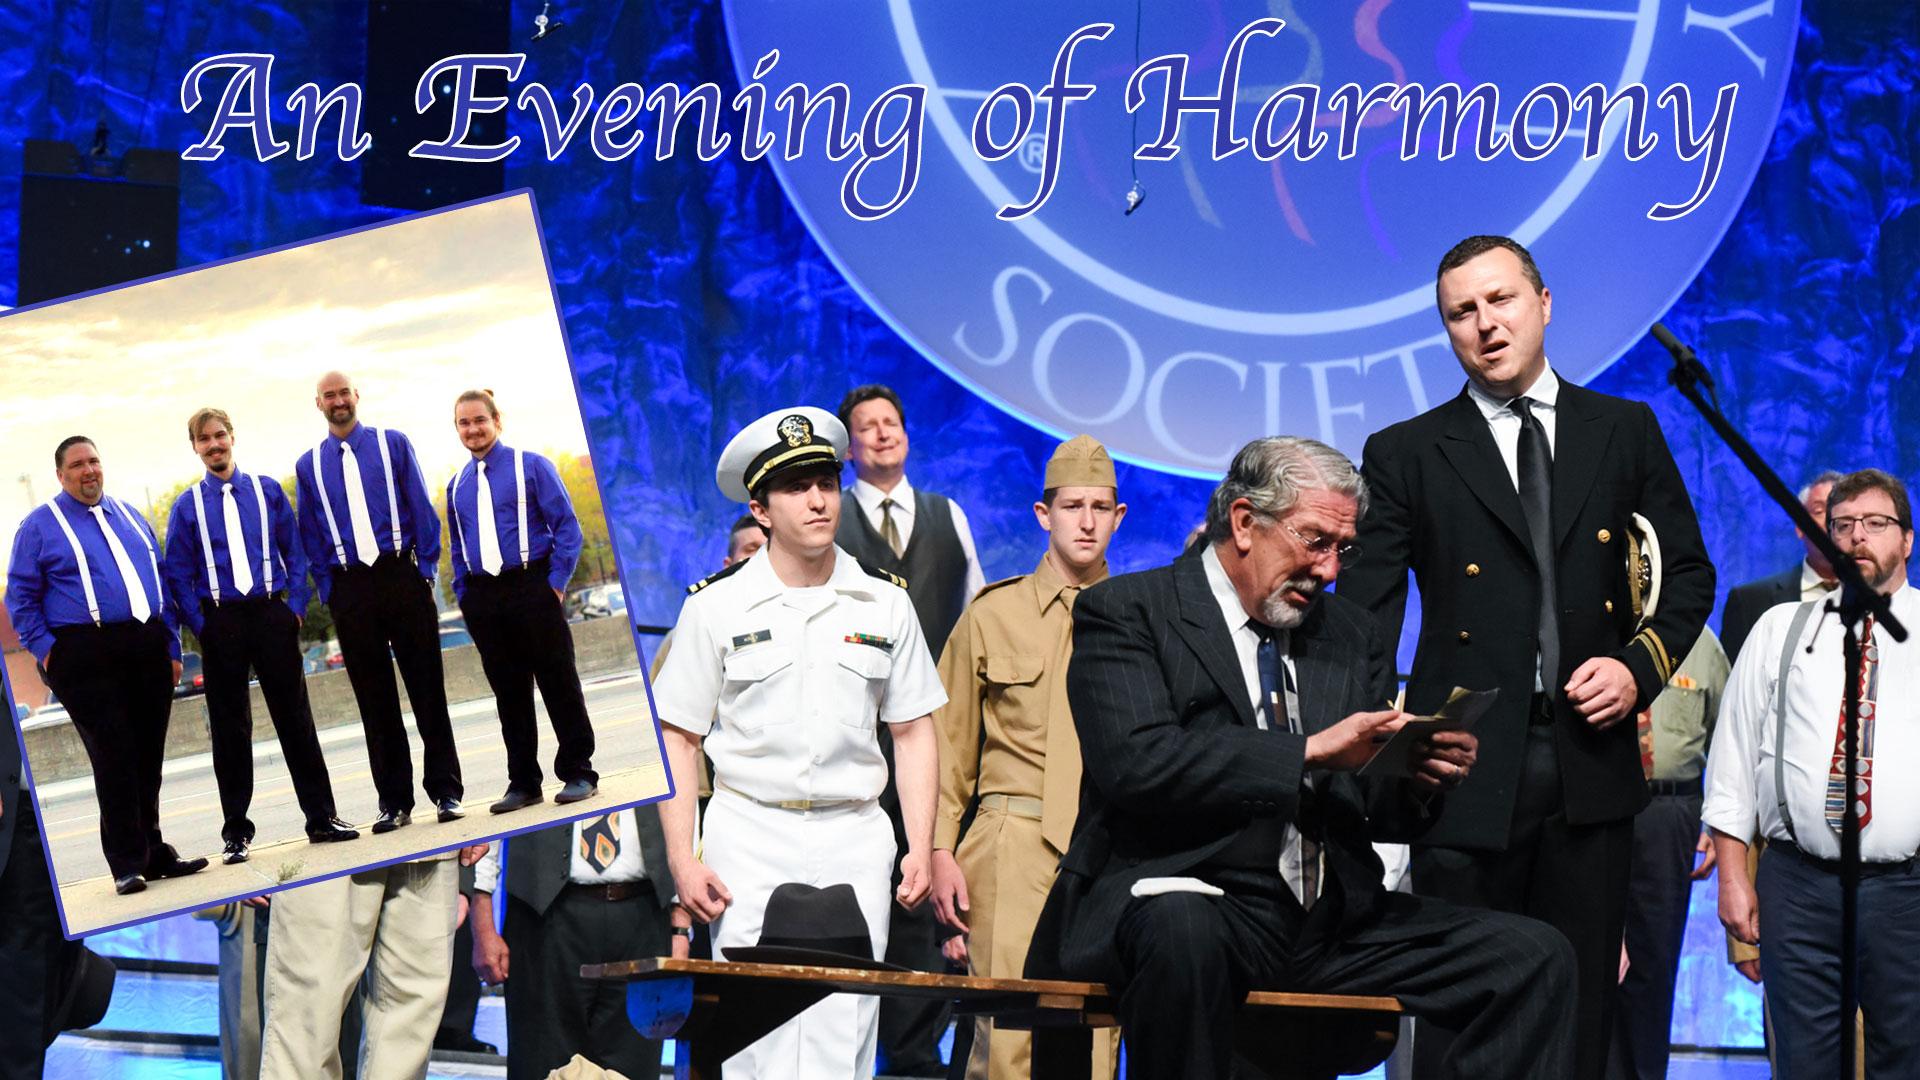 Bush League Evening of Harmony